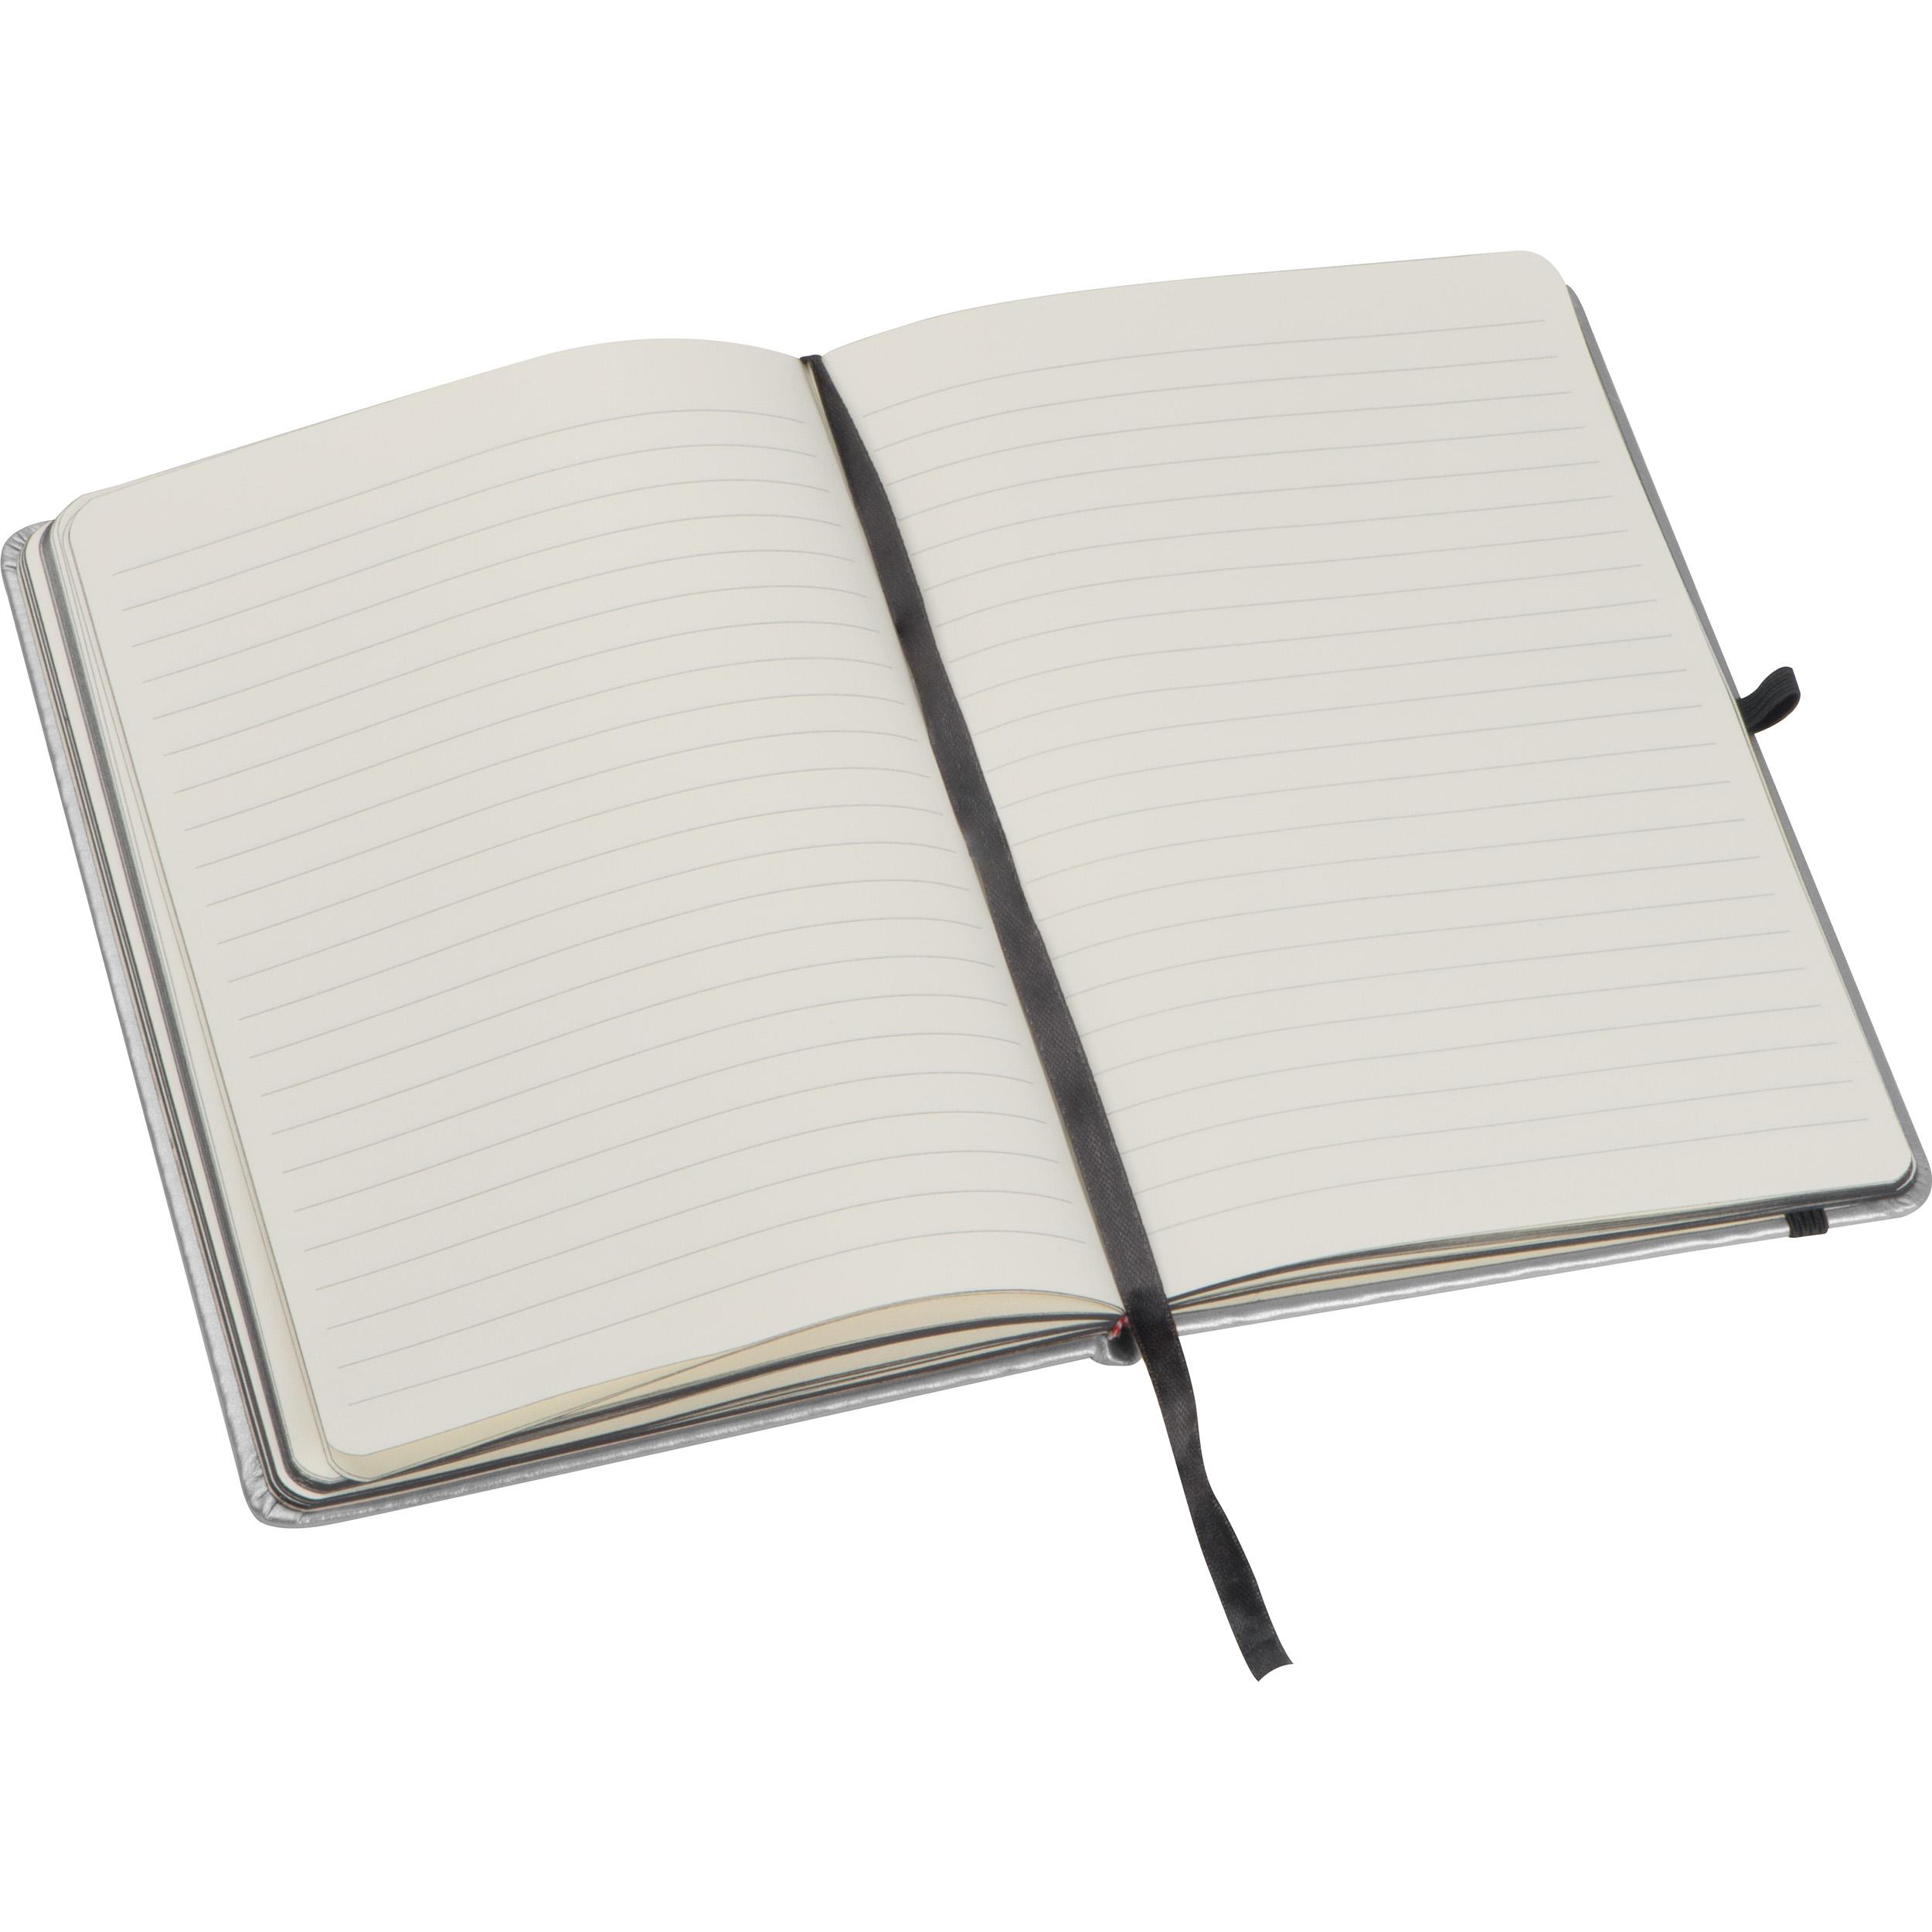 Notebook in metallic colors